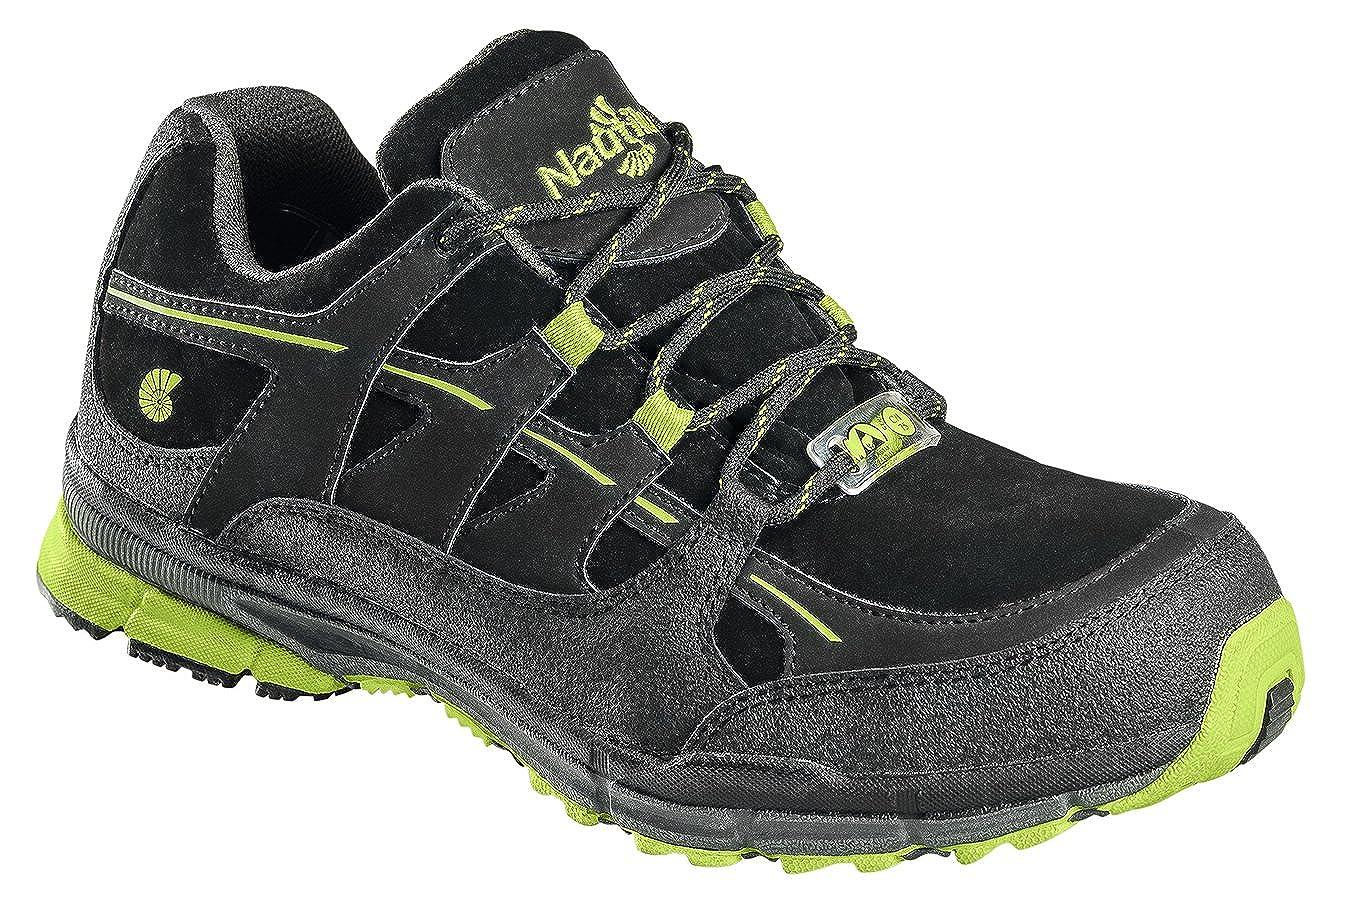 c422faf5bd2484 Amazon.com: Nautilus Safety Footwear Men's 1729 Shoe: Shoes